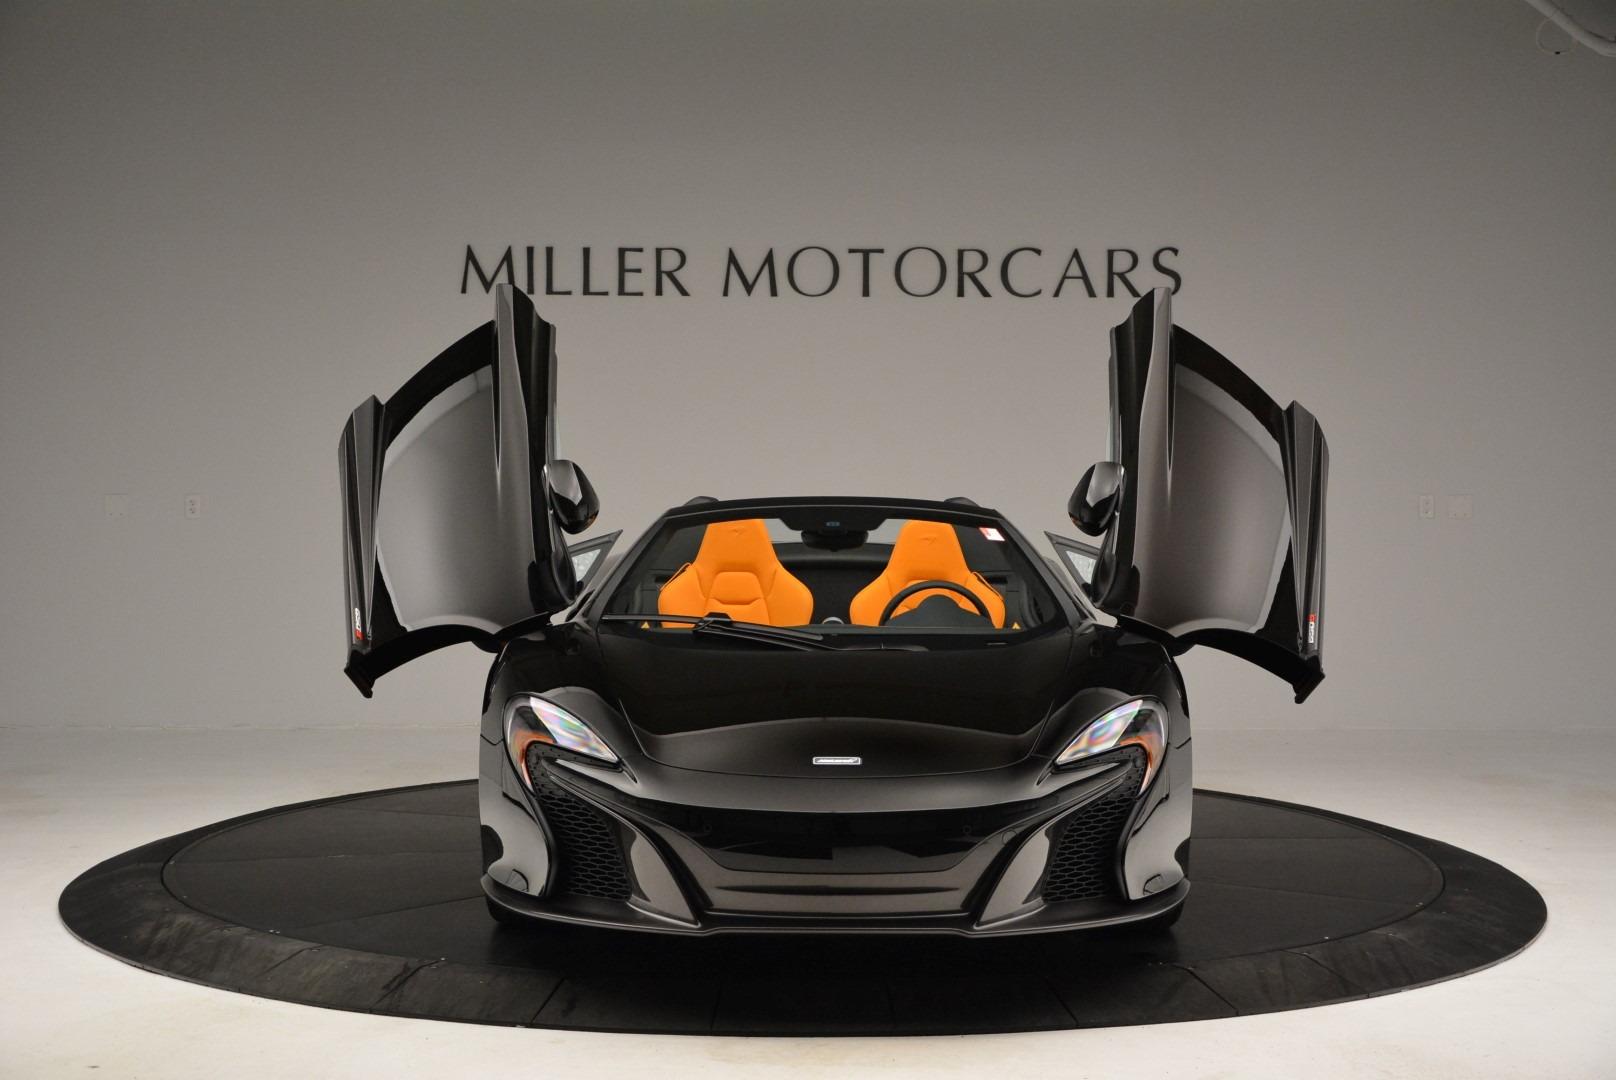 Used 2015 McLaren 650S Spider For Sale In Westport, CT 2089_p13